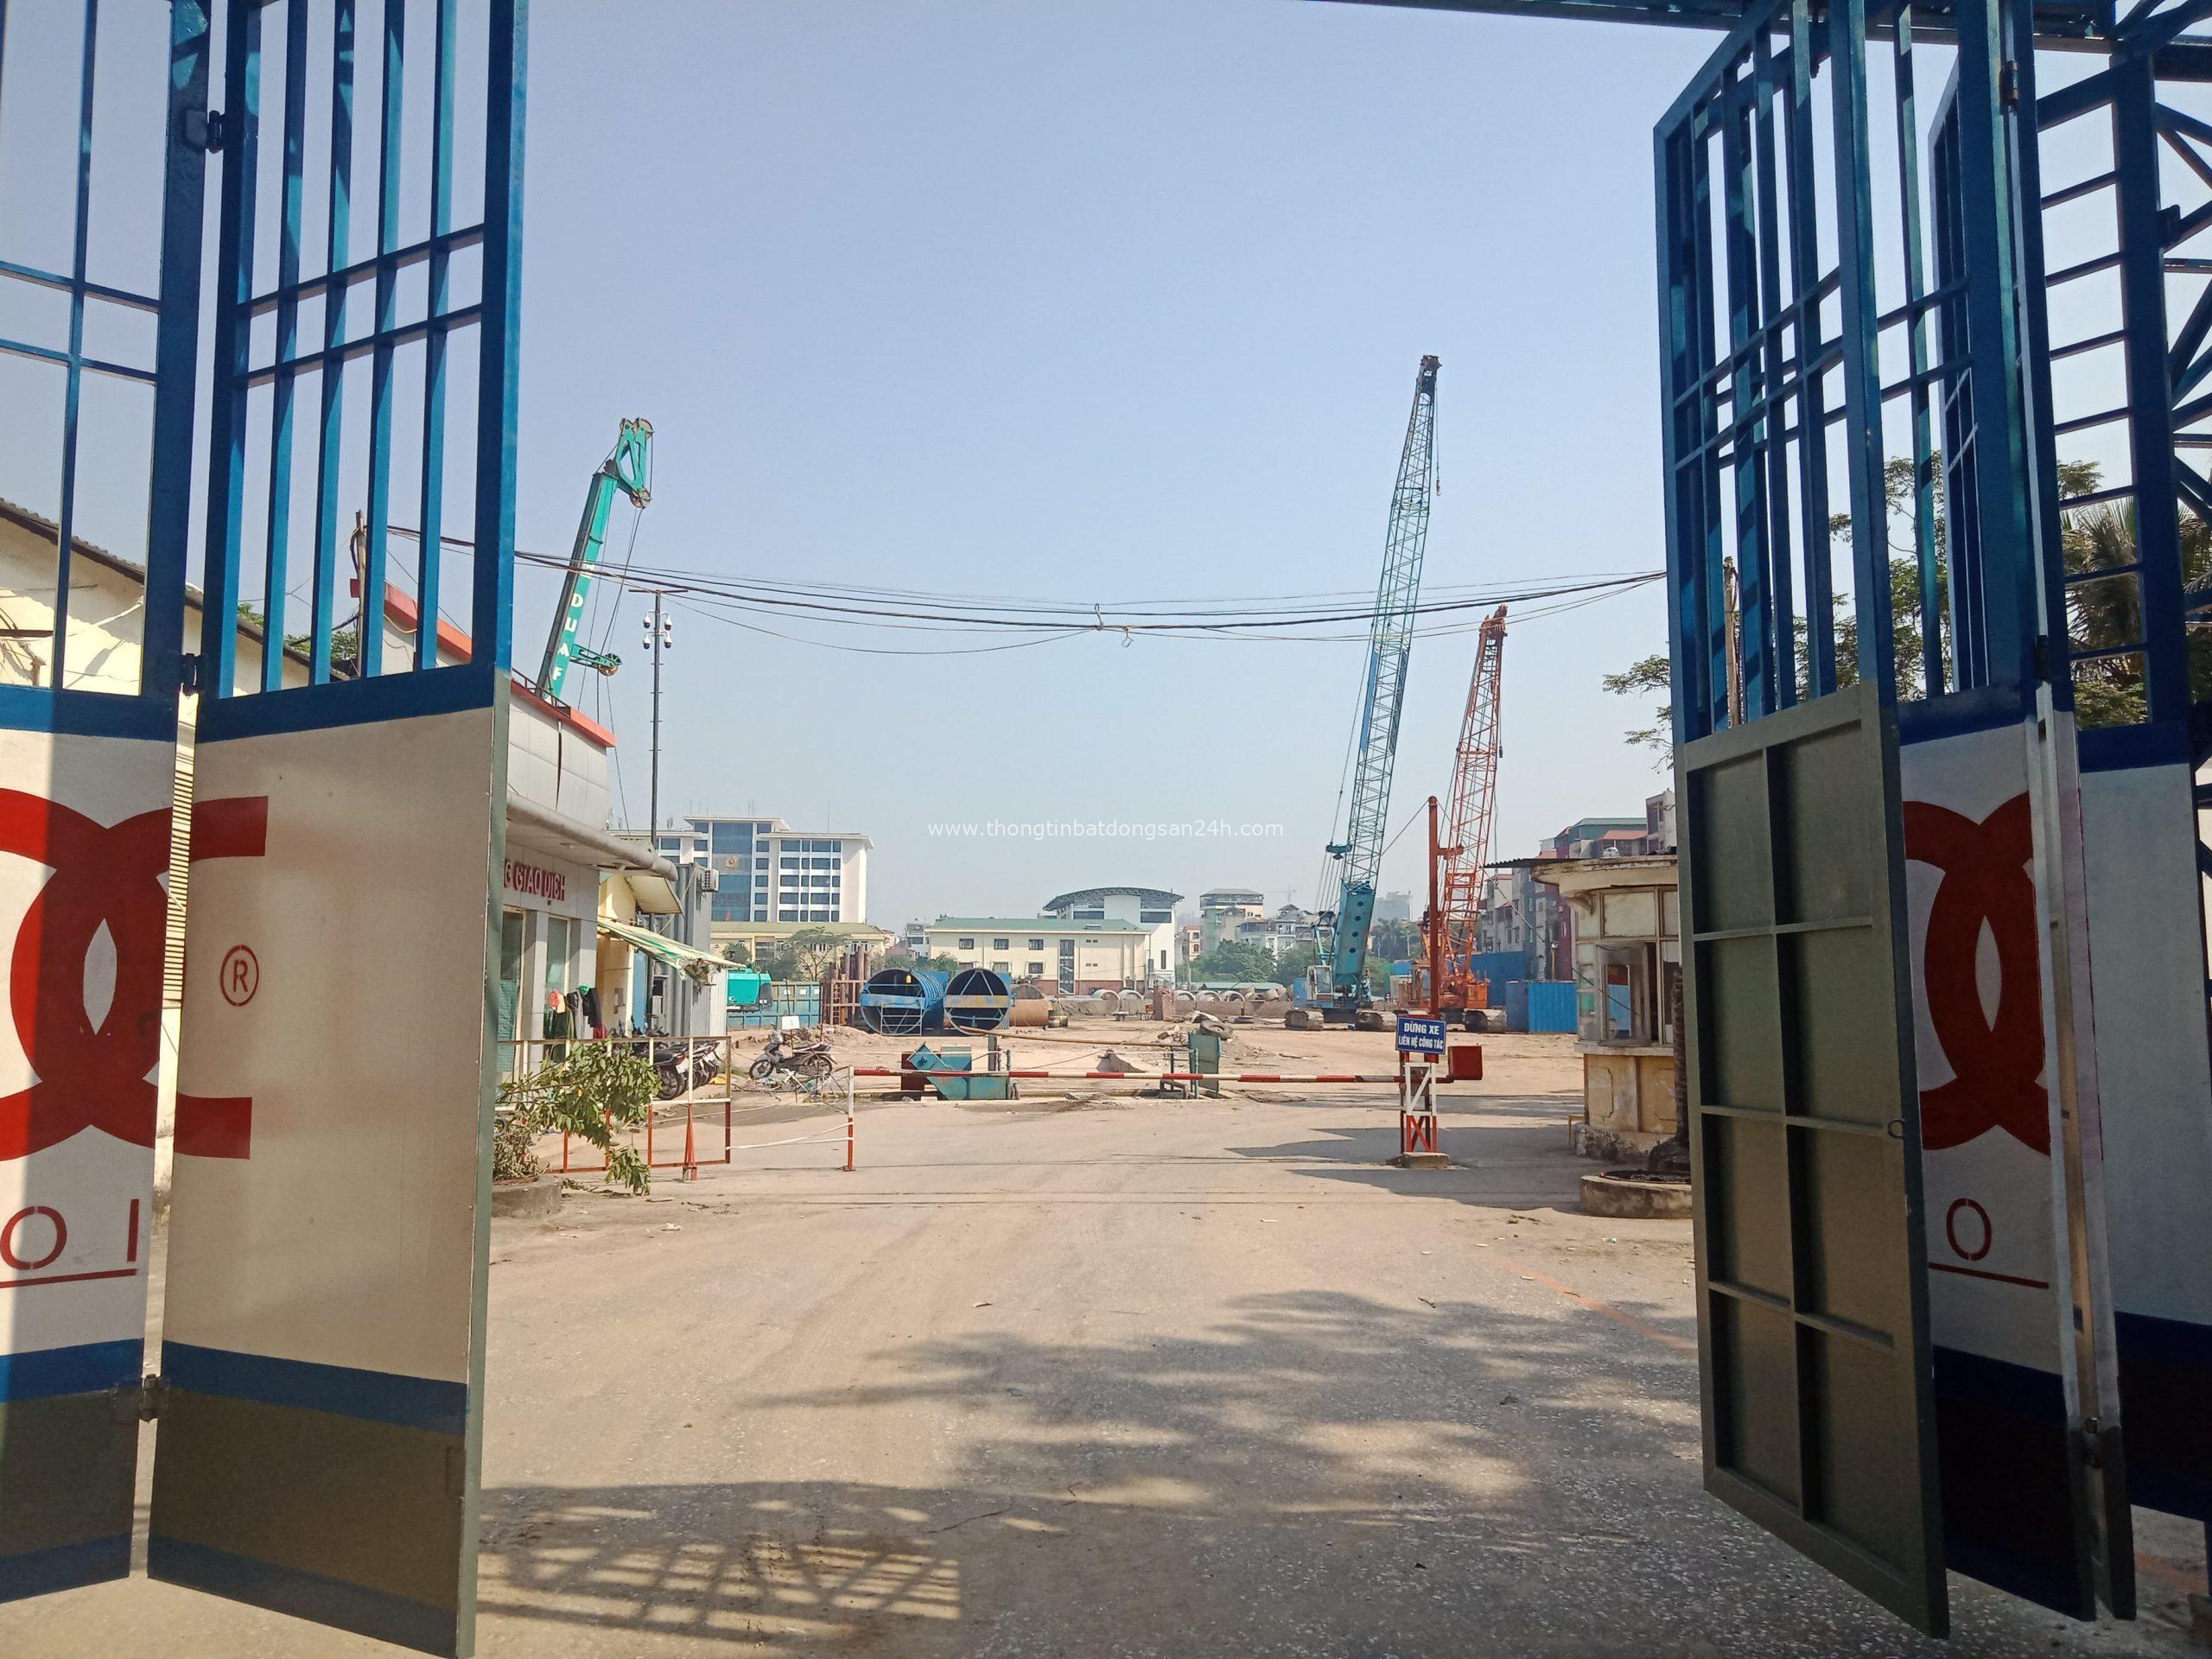 MIPEC triển khai dự án mới tại trung tâm quận Cầu Giấy 1